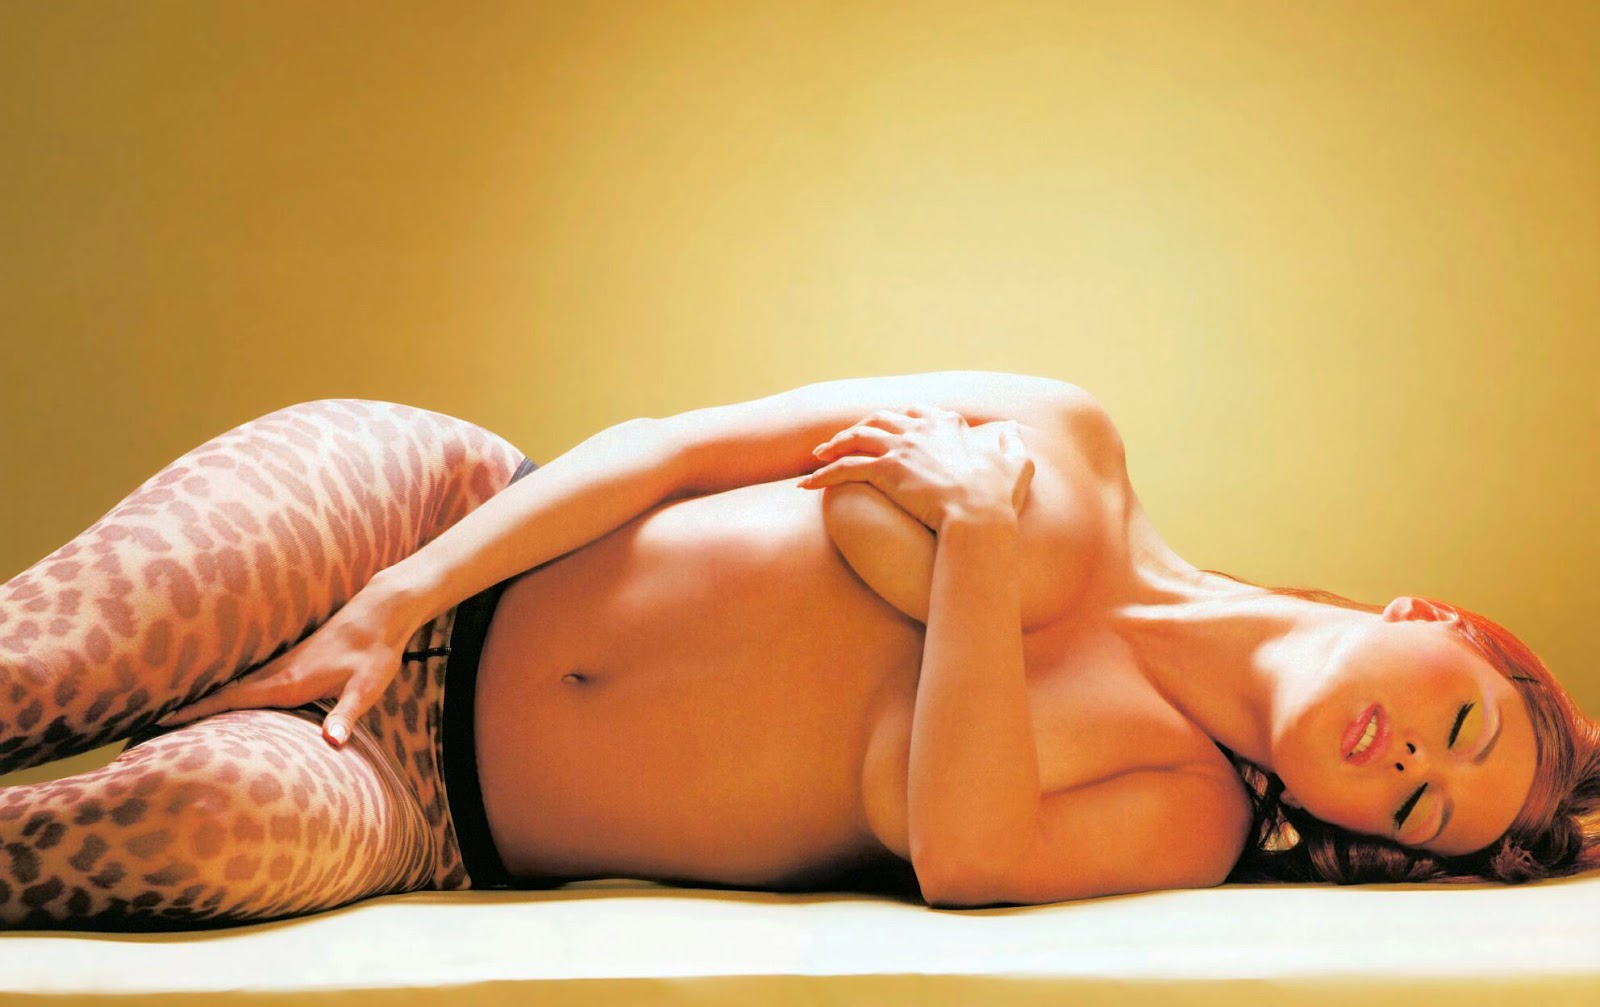 Семенович анна голая занимается сексом 11 фотография